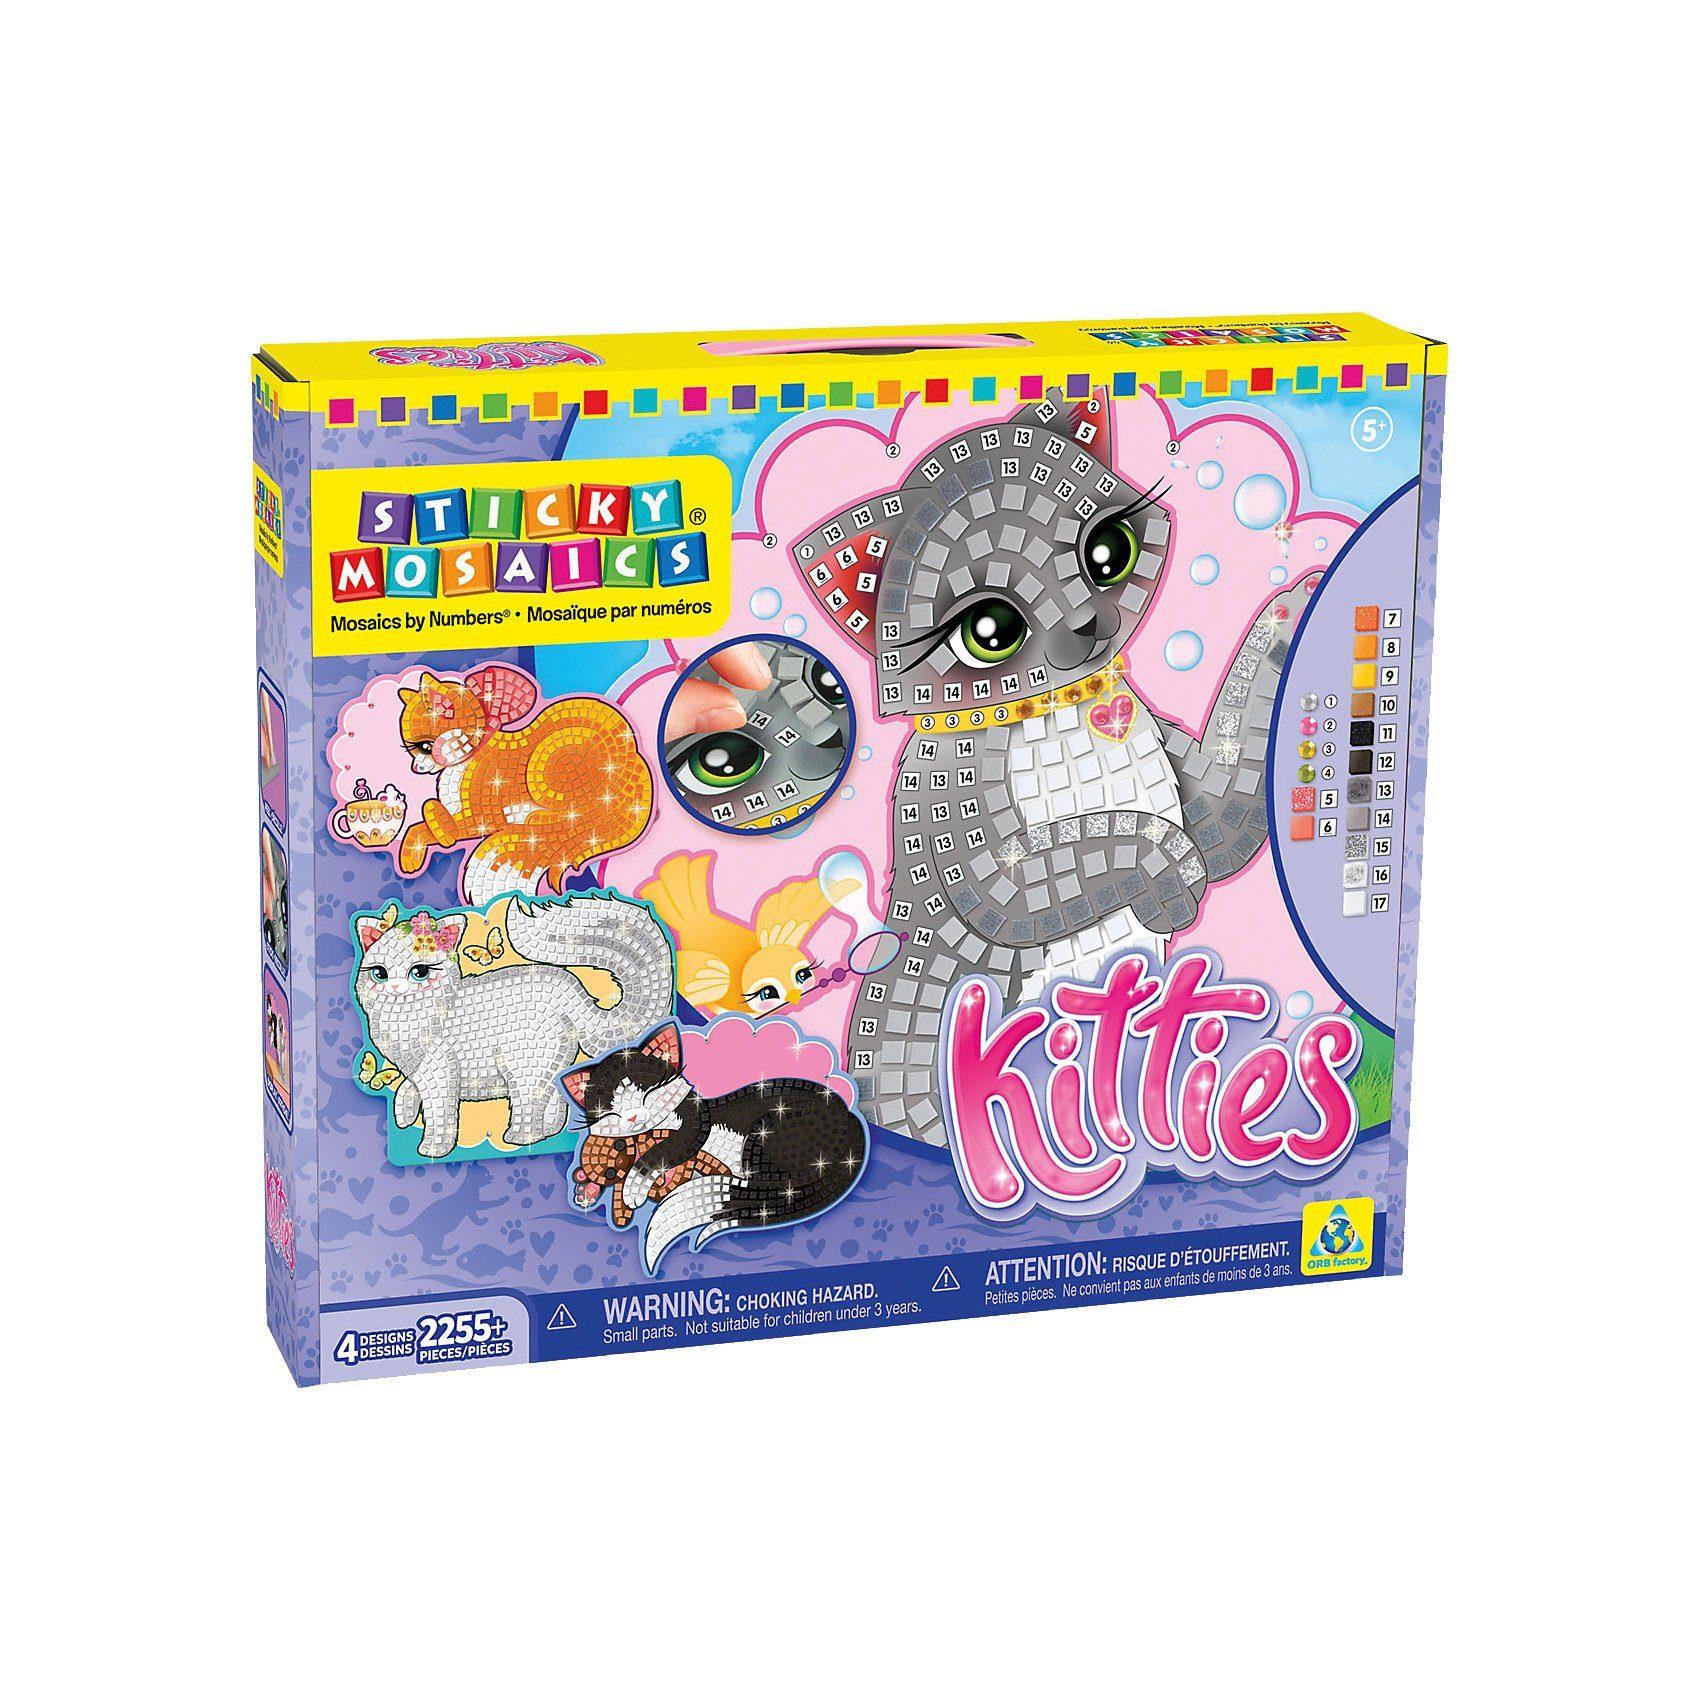 Sticky Mosaics Katzen